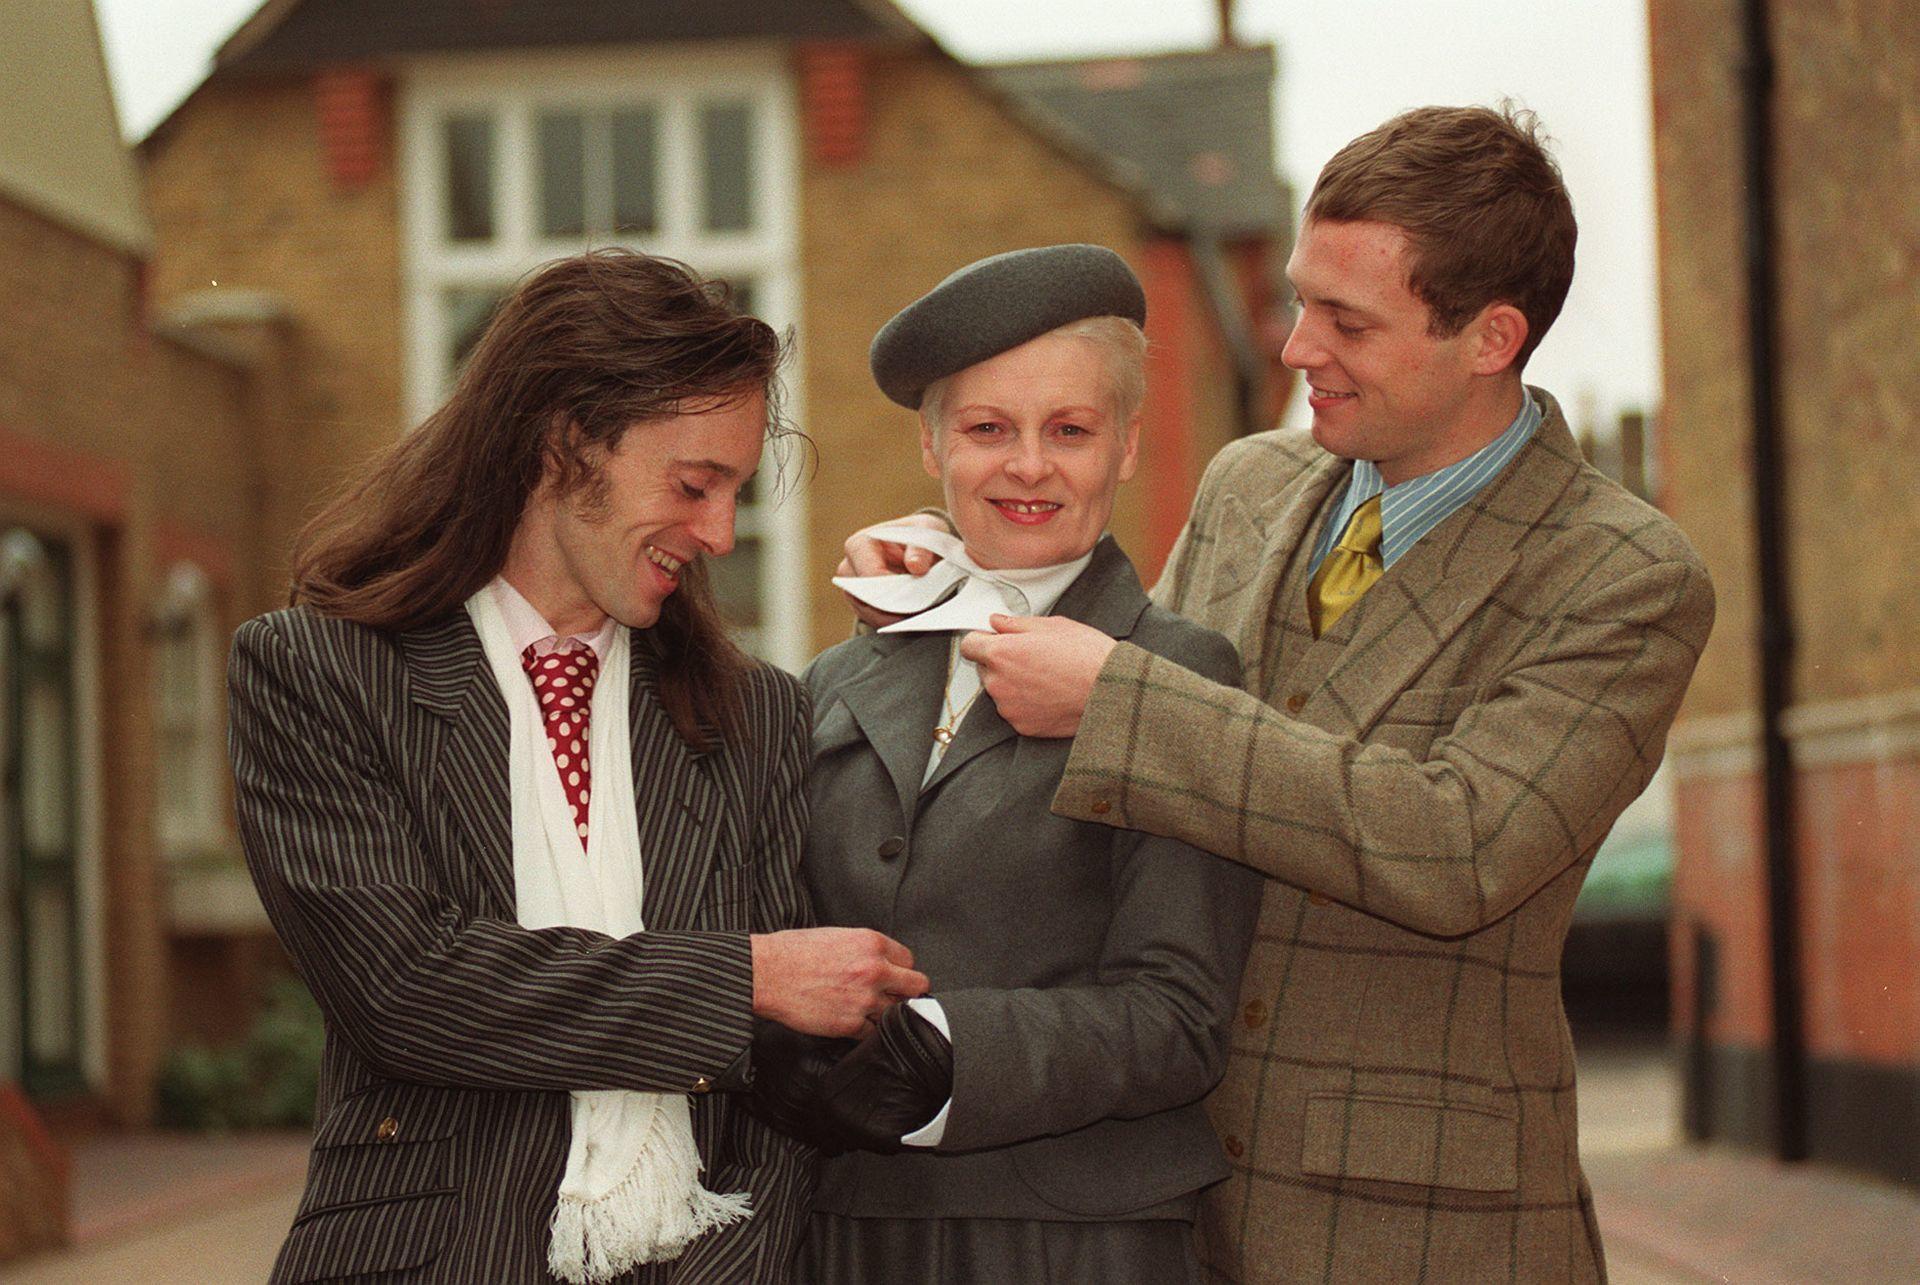 Vivienne Westwood és fiai, mielőtt a divattervező átvette OBE kitüntetését a Buckingham Palotában.